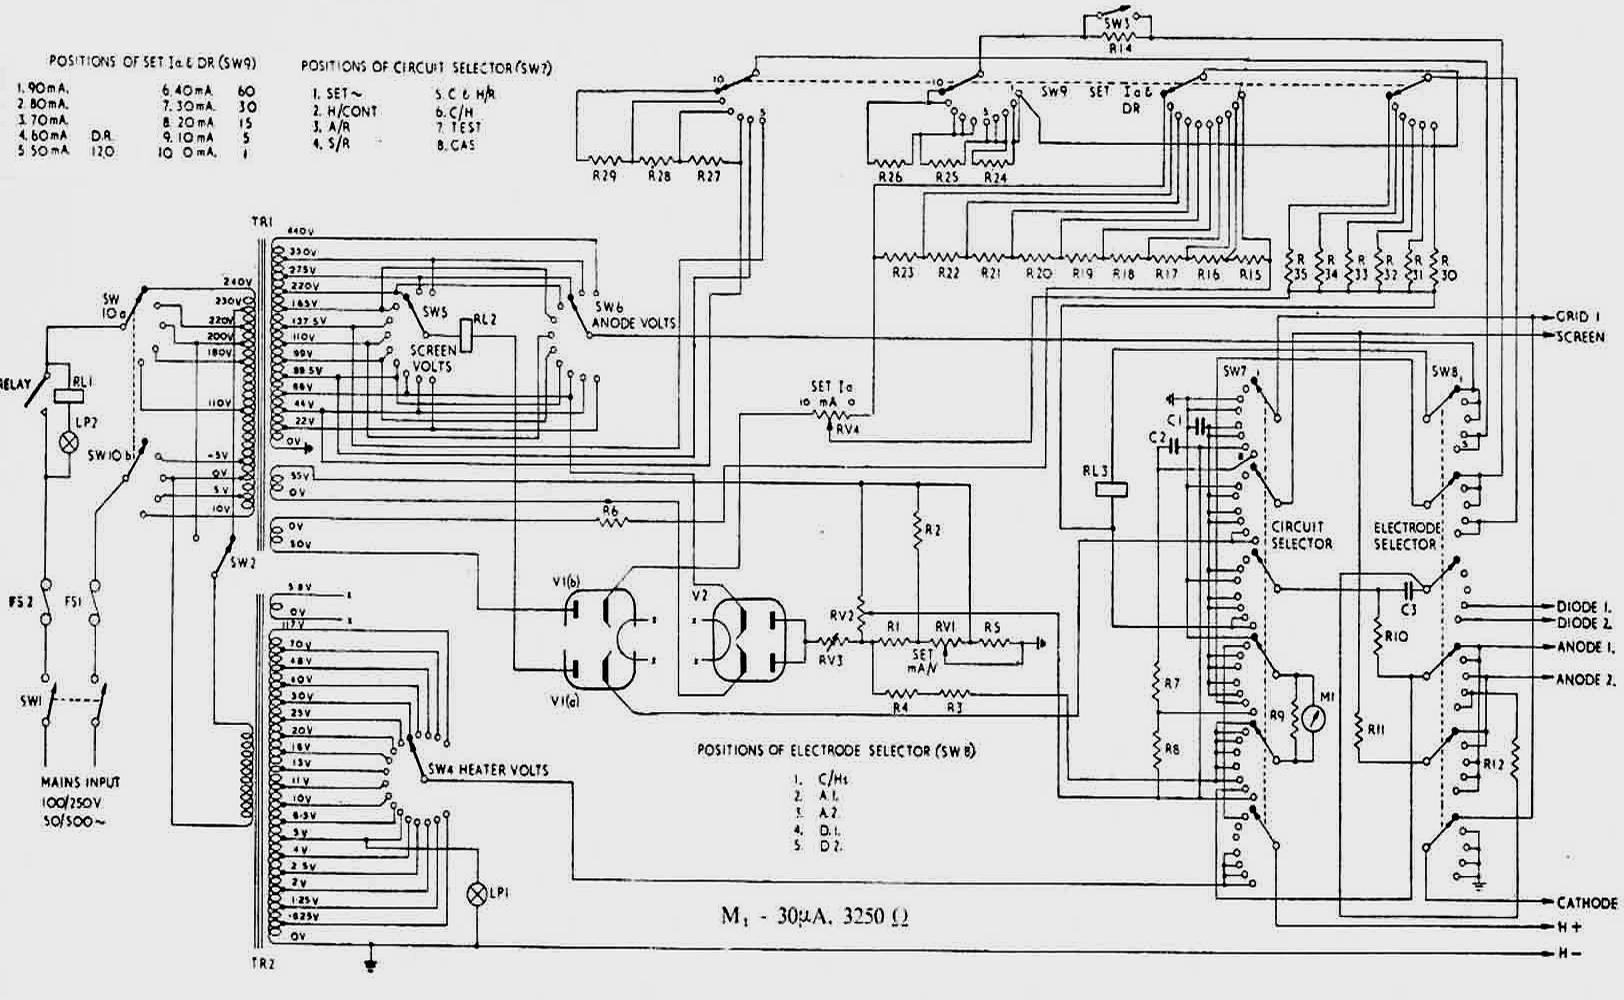 index Valve Tester Schematic on hose tester, inverter tester, corevalve compression tester, air filter tester, line tester, block tester, backflow tester, vacuum tester, cable tester, lamp tester, fuse tester, electronic ignition tester,